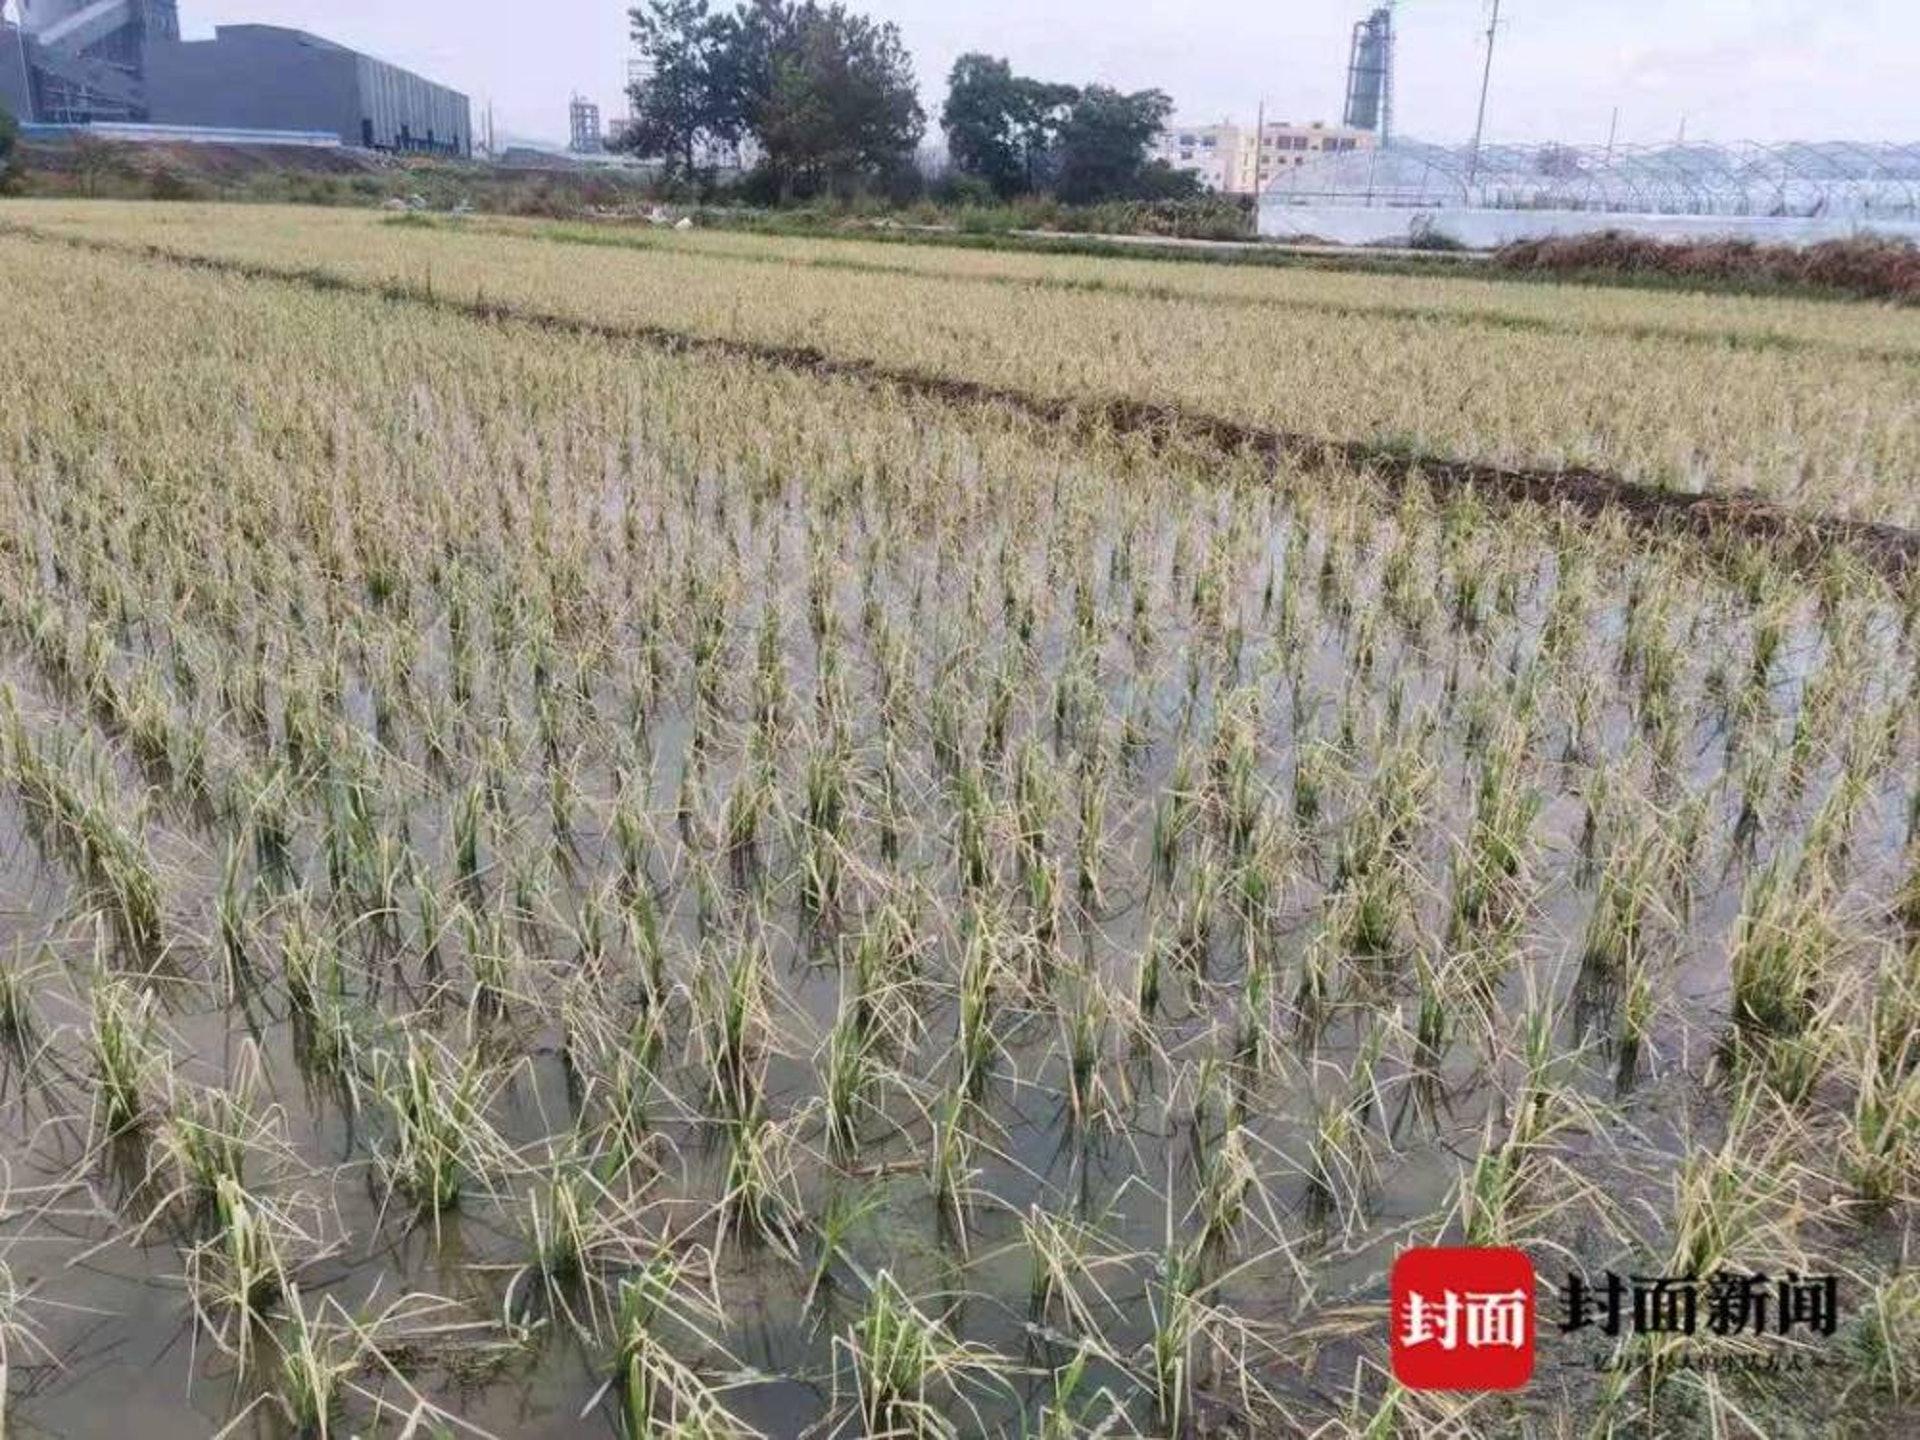 農作物因刺激性氣體枯萎。(封面新聞)